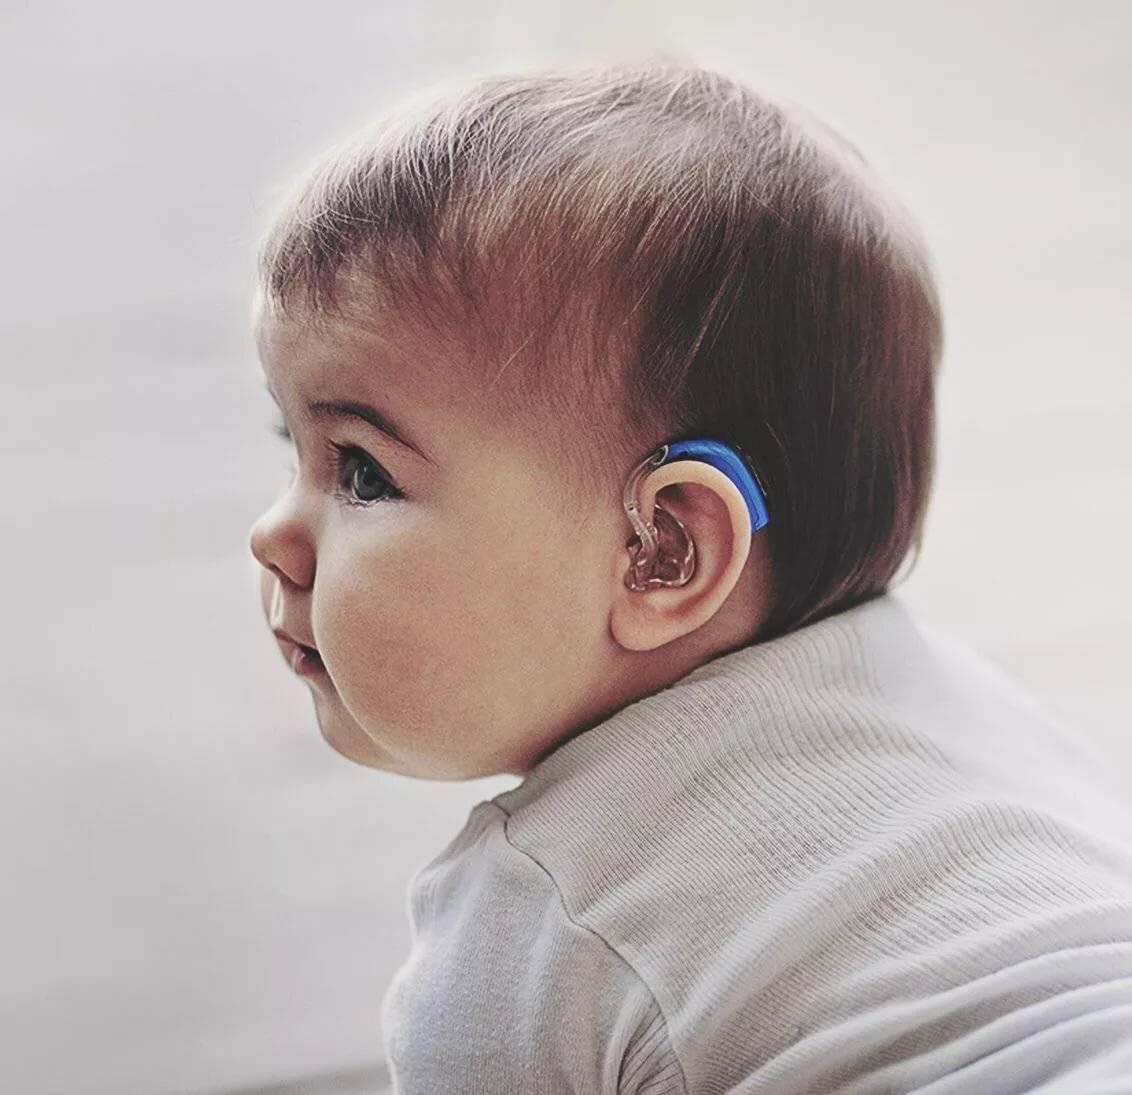 Если ребенок плохо слышит: в киеве ввели обязательную проверку слуха в роддомах